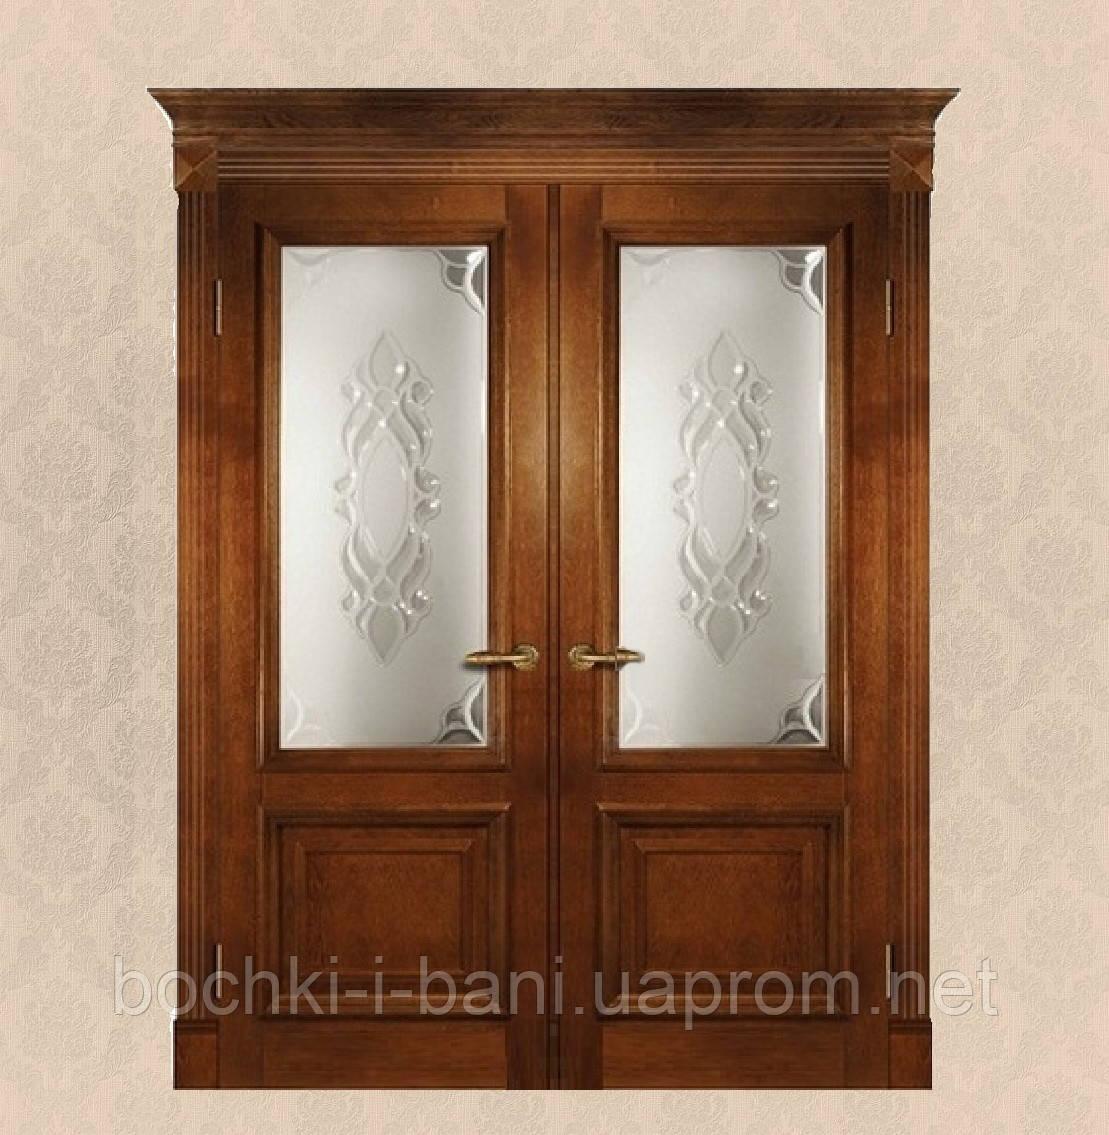 Двери двойные распашные из массива дуба